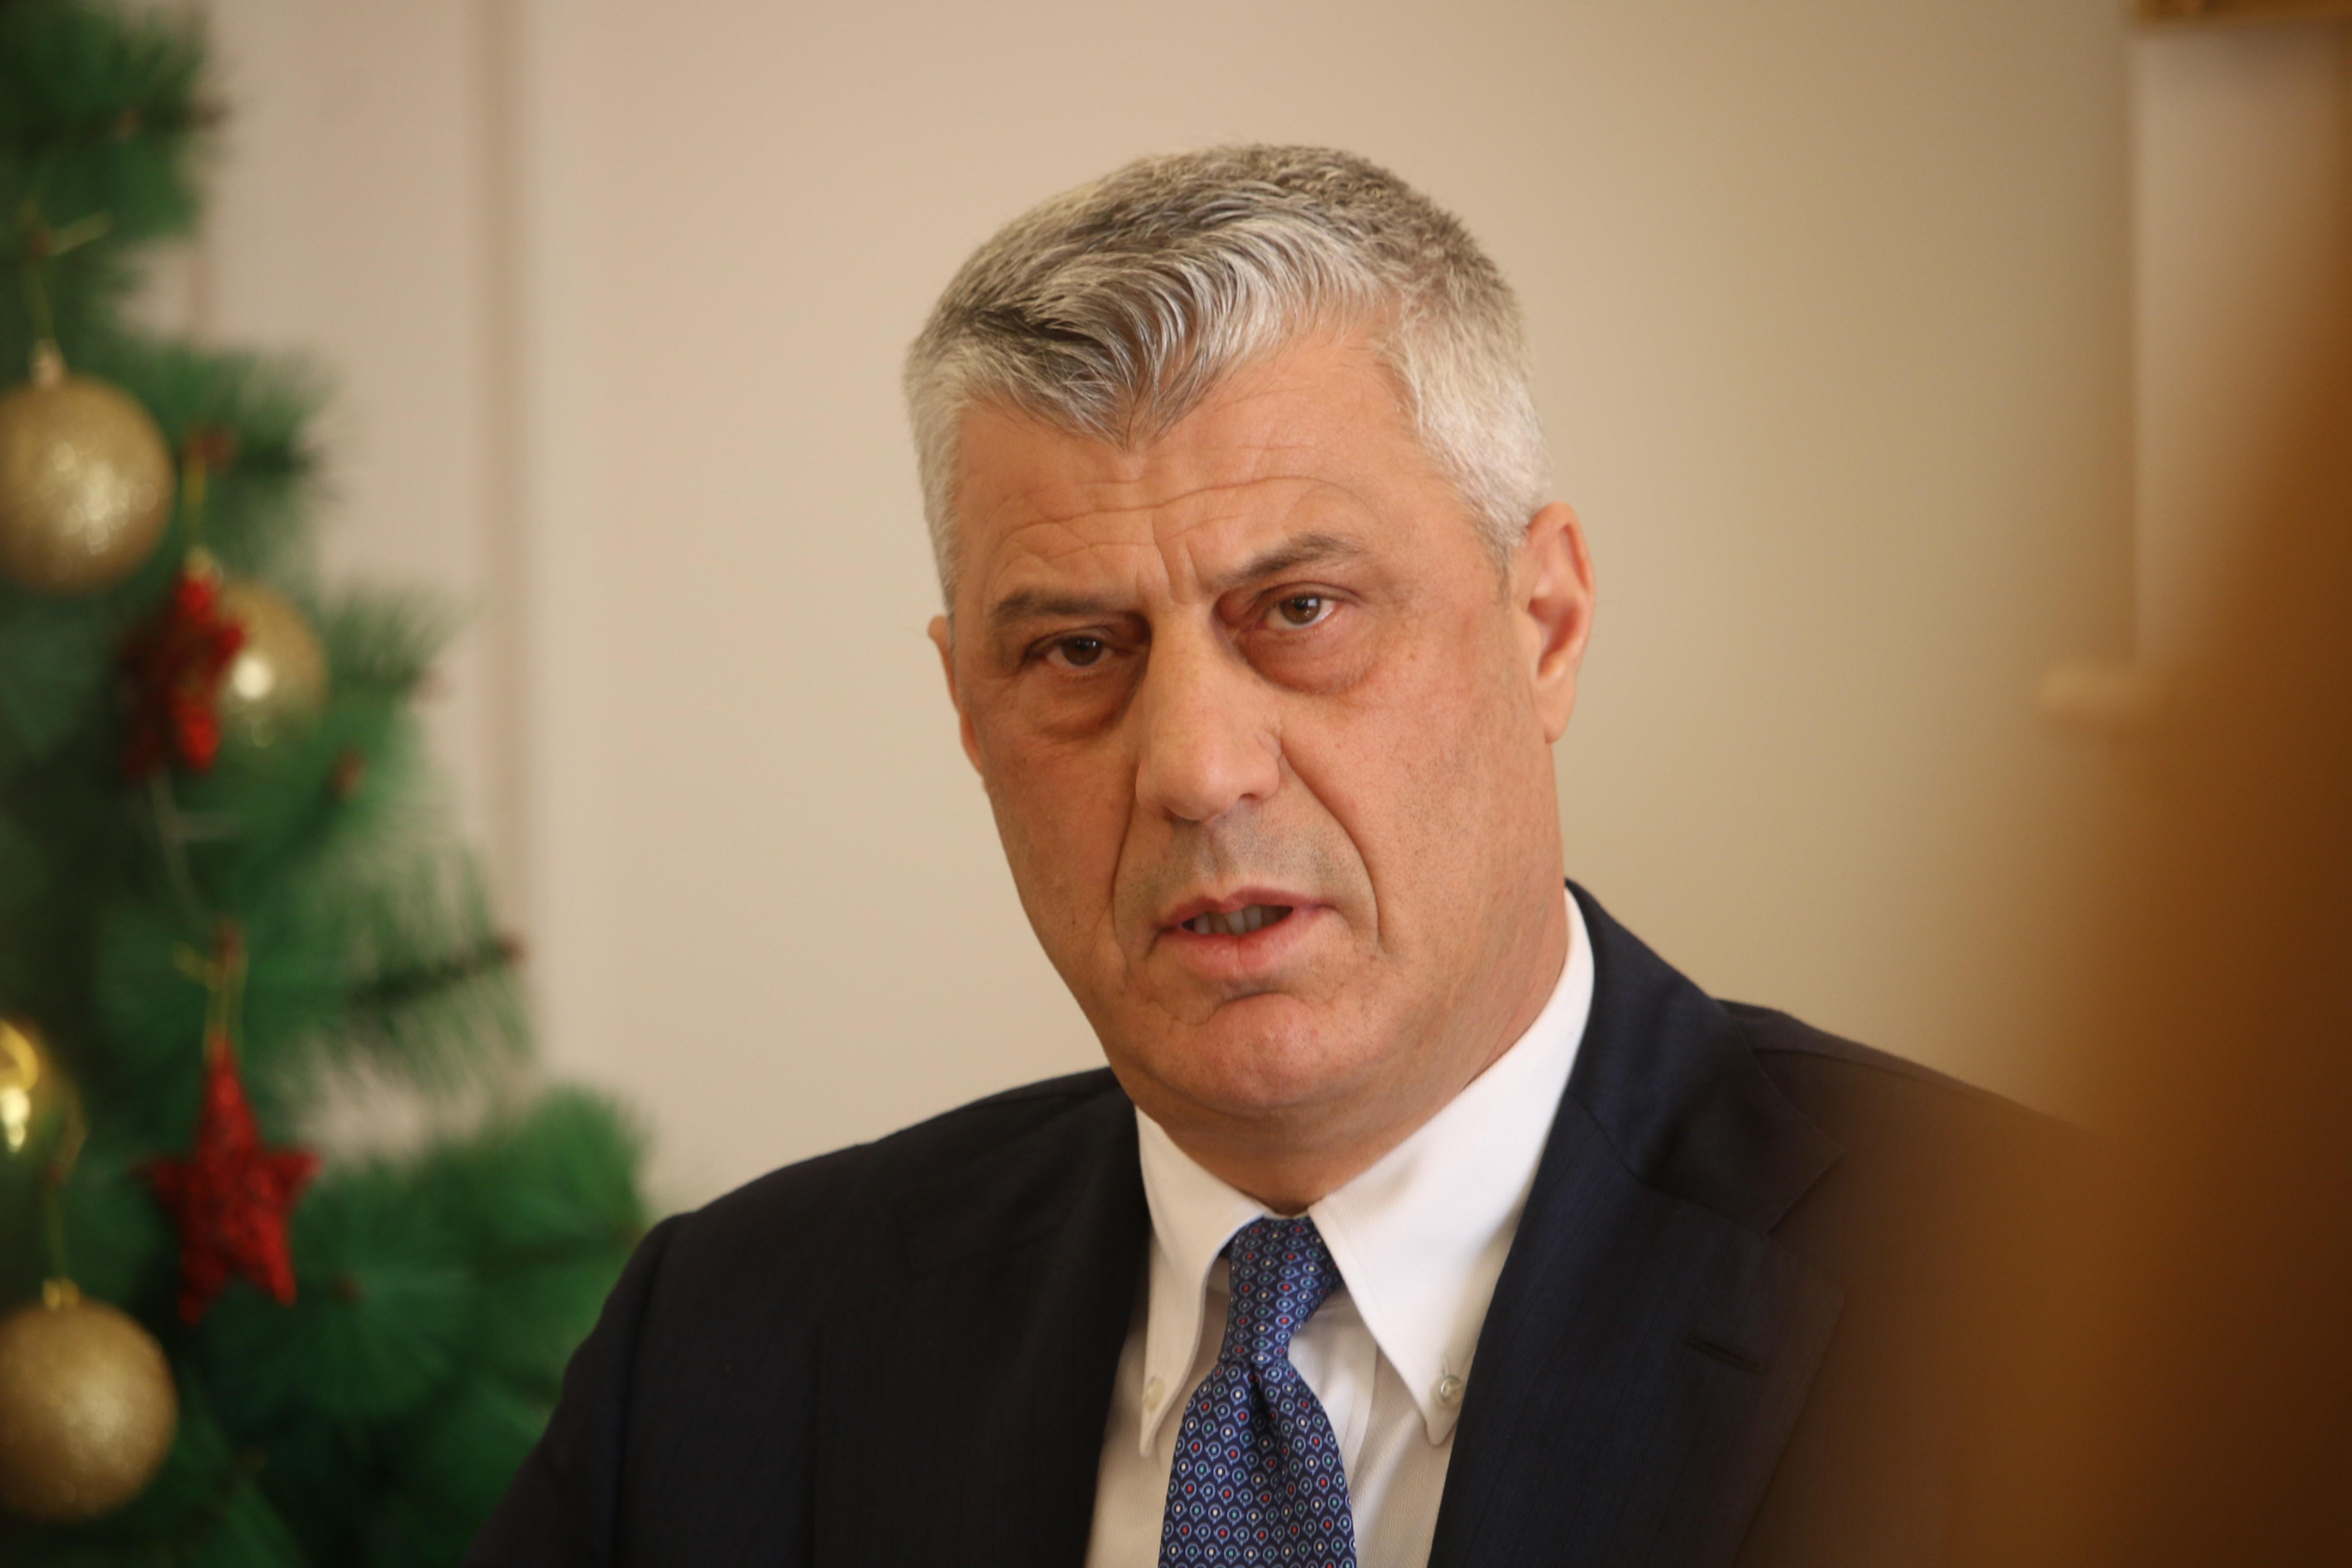 Háborús bűnök miatt kell a hágai bíróság elé állnia, lemondott a koszovói elnök